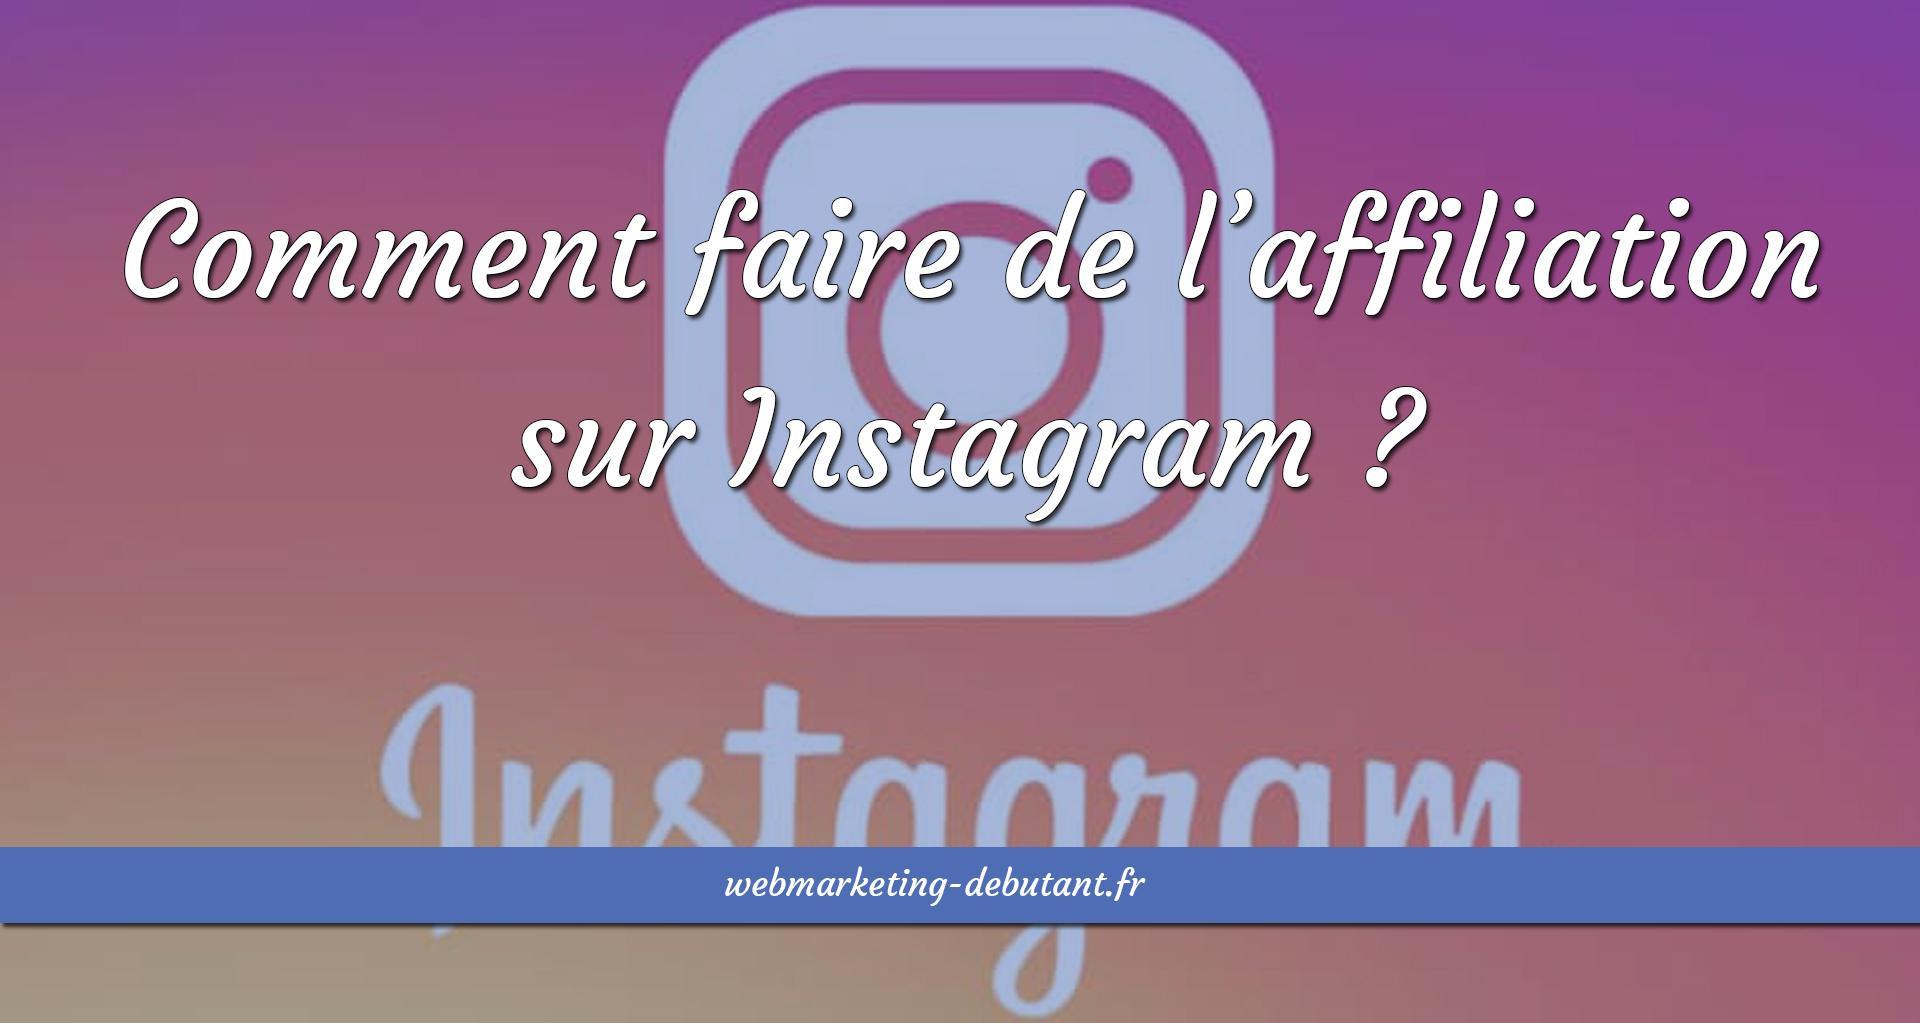 Faire de l'affiliation sur Instagram